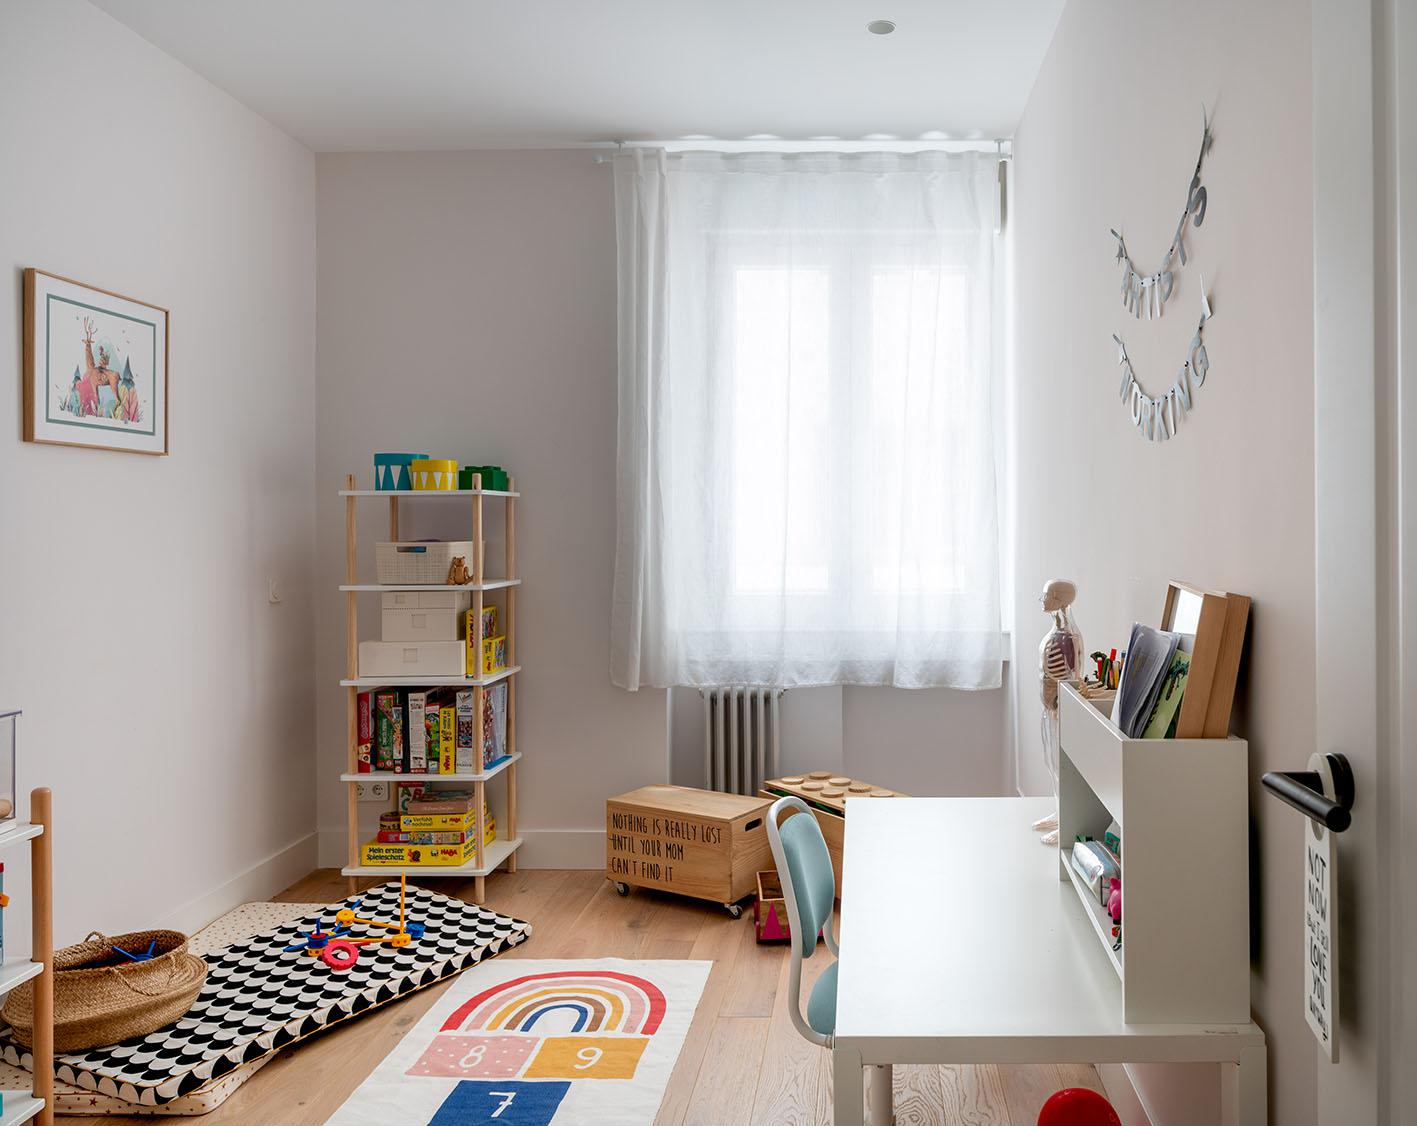 Reportaje fotográfico de arquitectura - Imagen de habitación